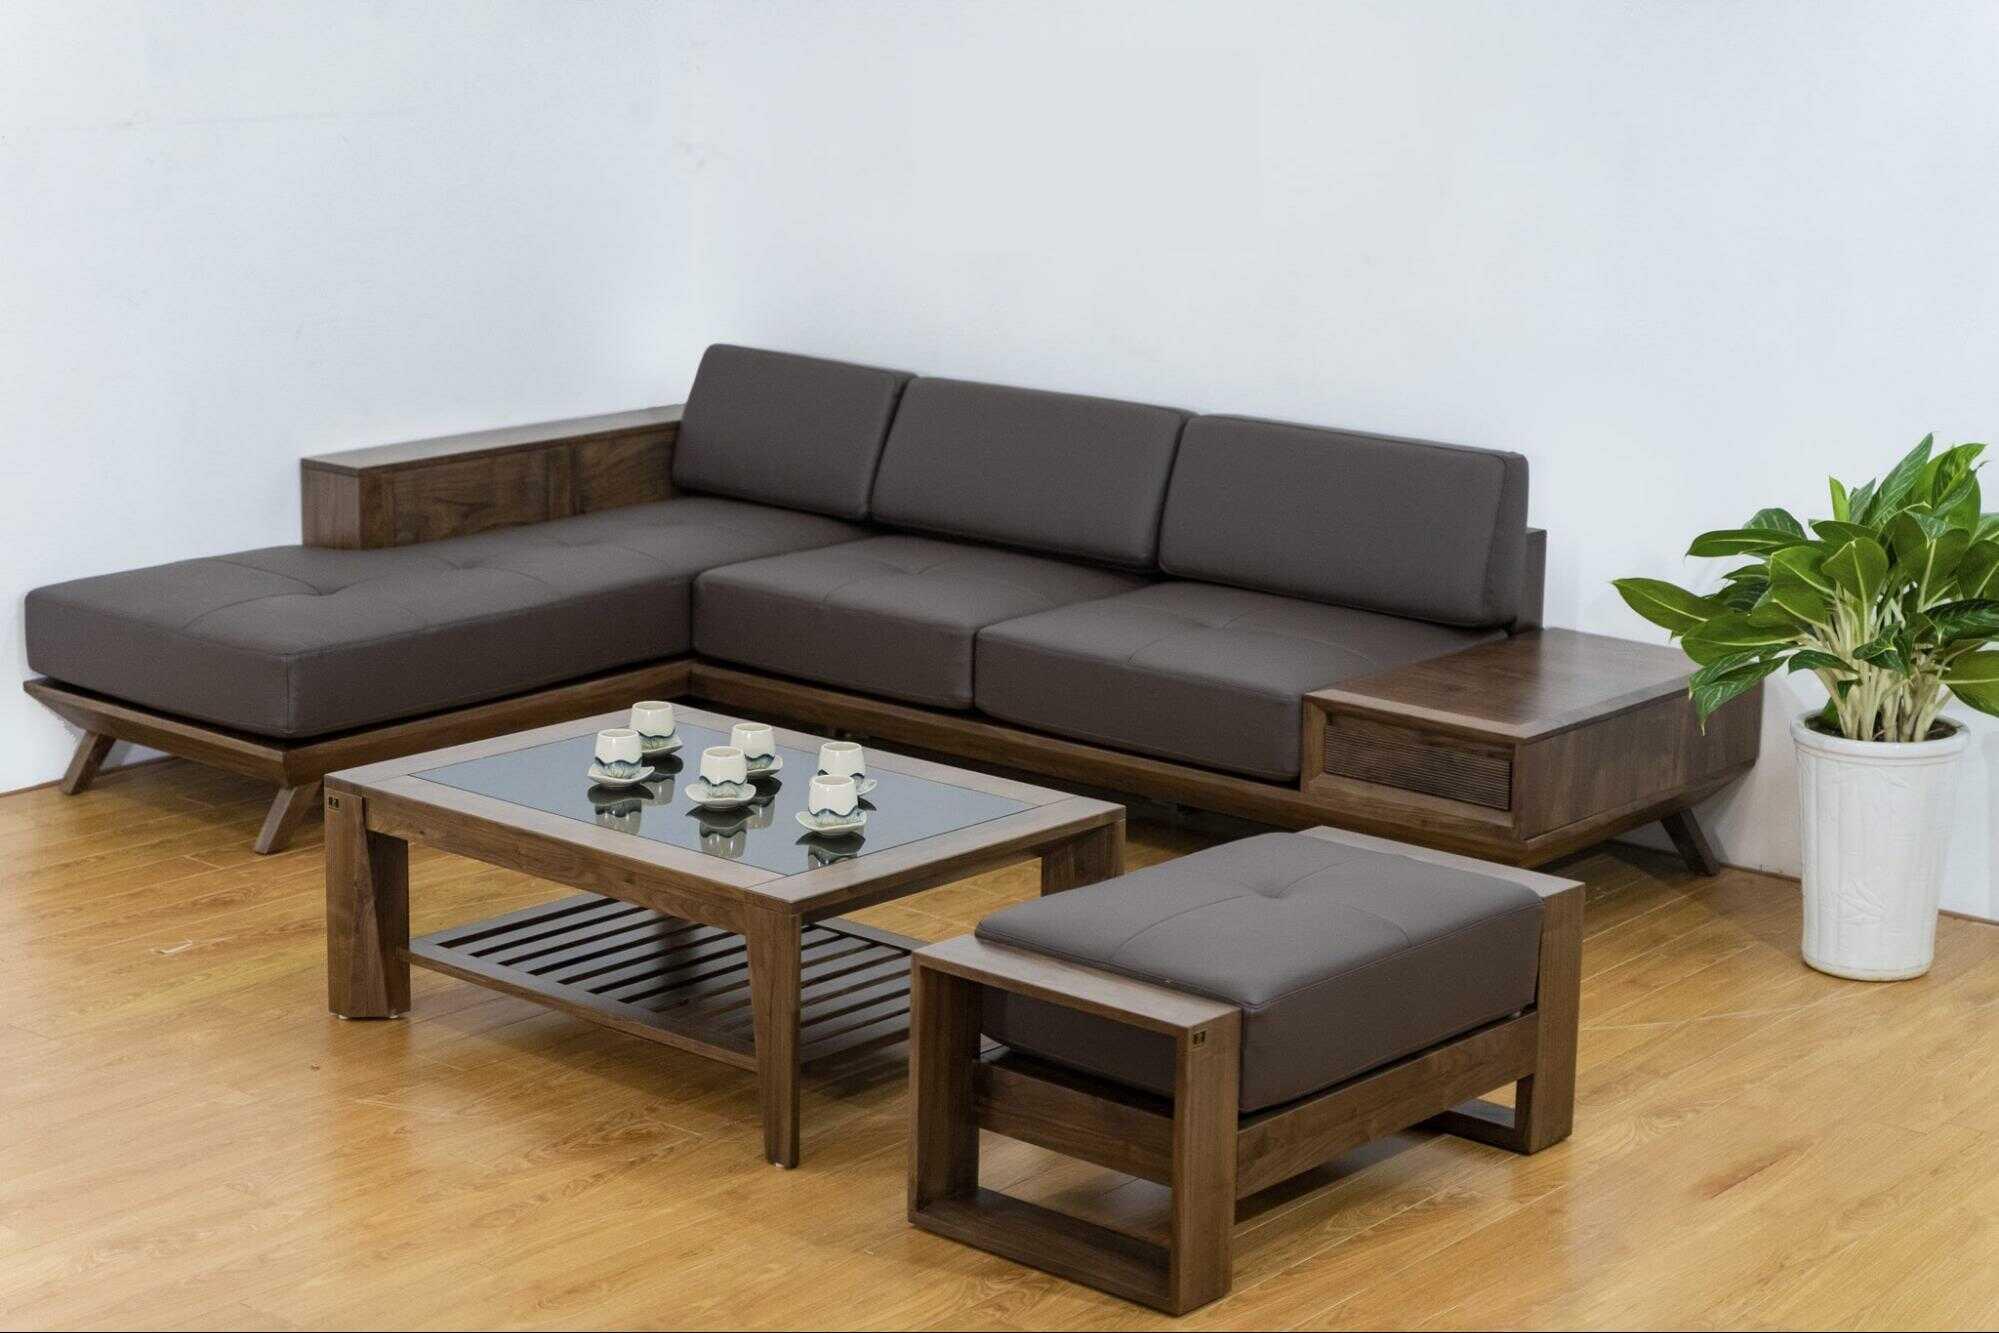 trang trí phòng khách bằng gỗ đẹp,